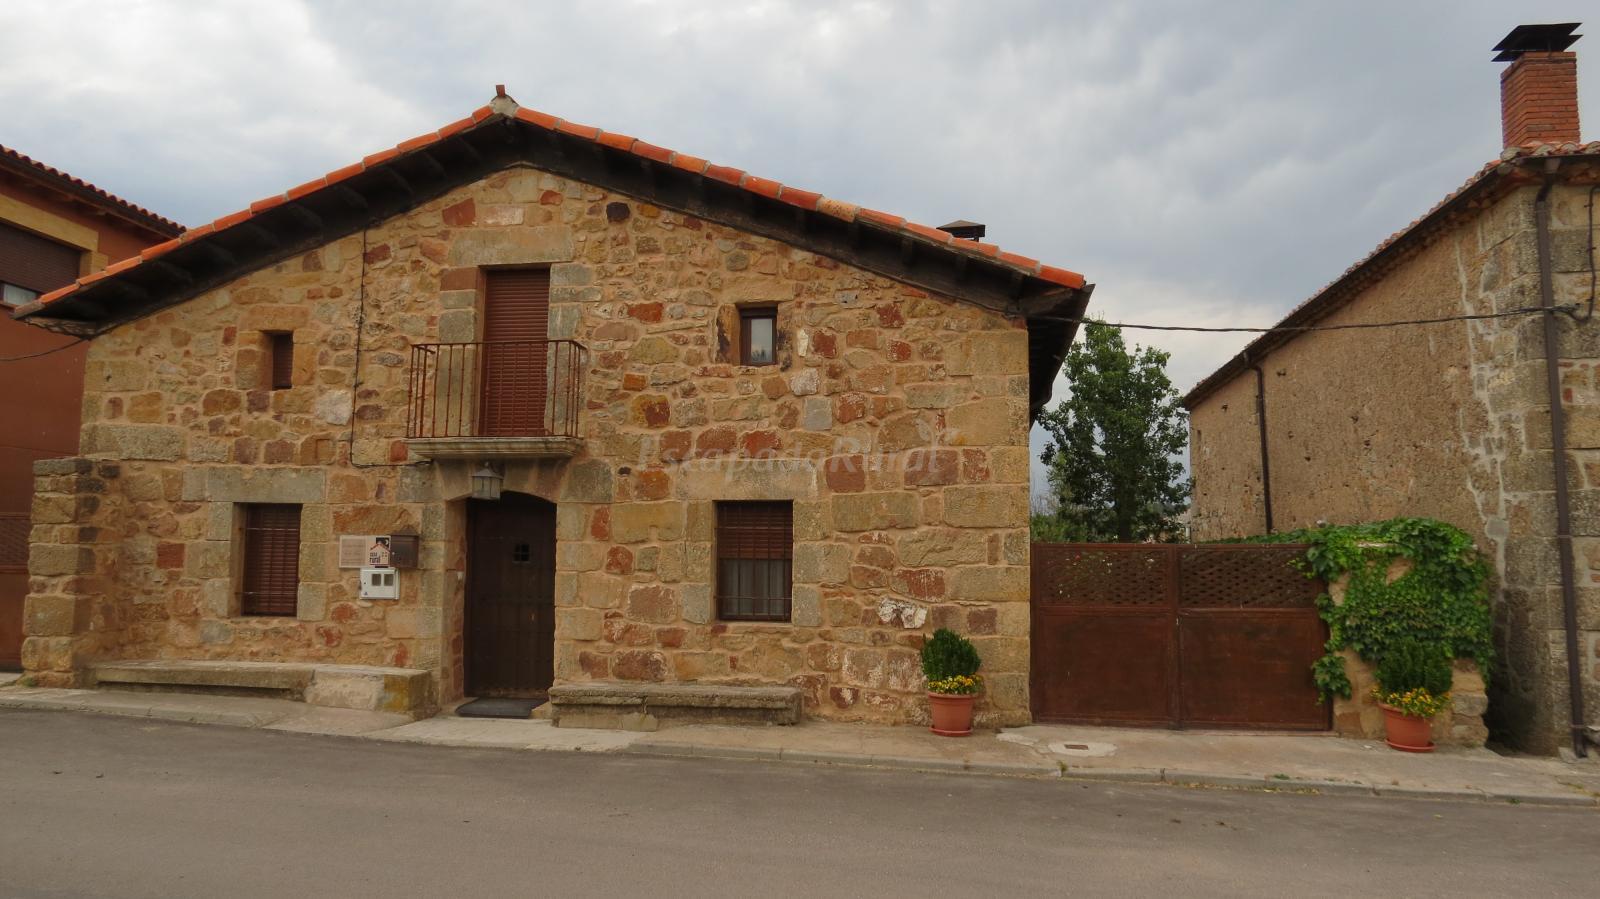 Fotos de la casa de piedra de la aldea casa rural en - La casa de las piedras ...